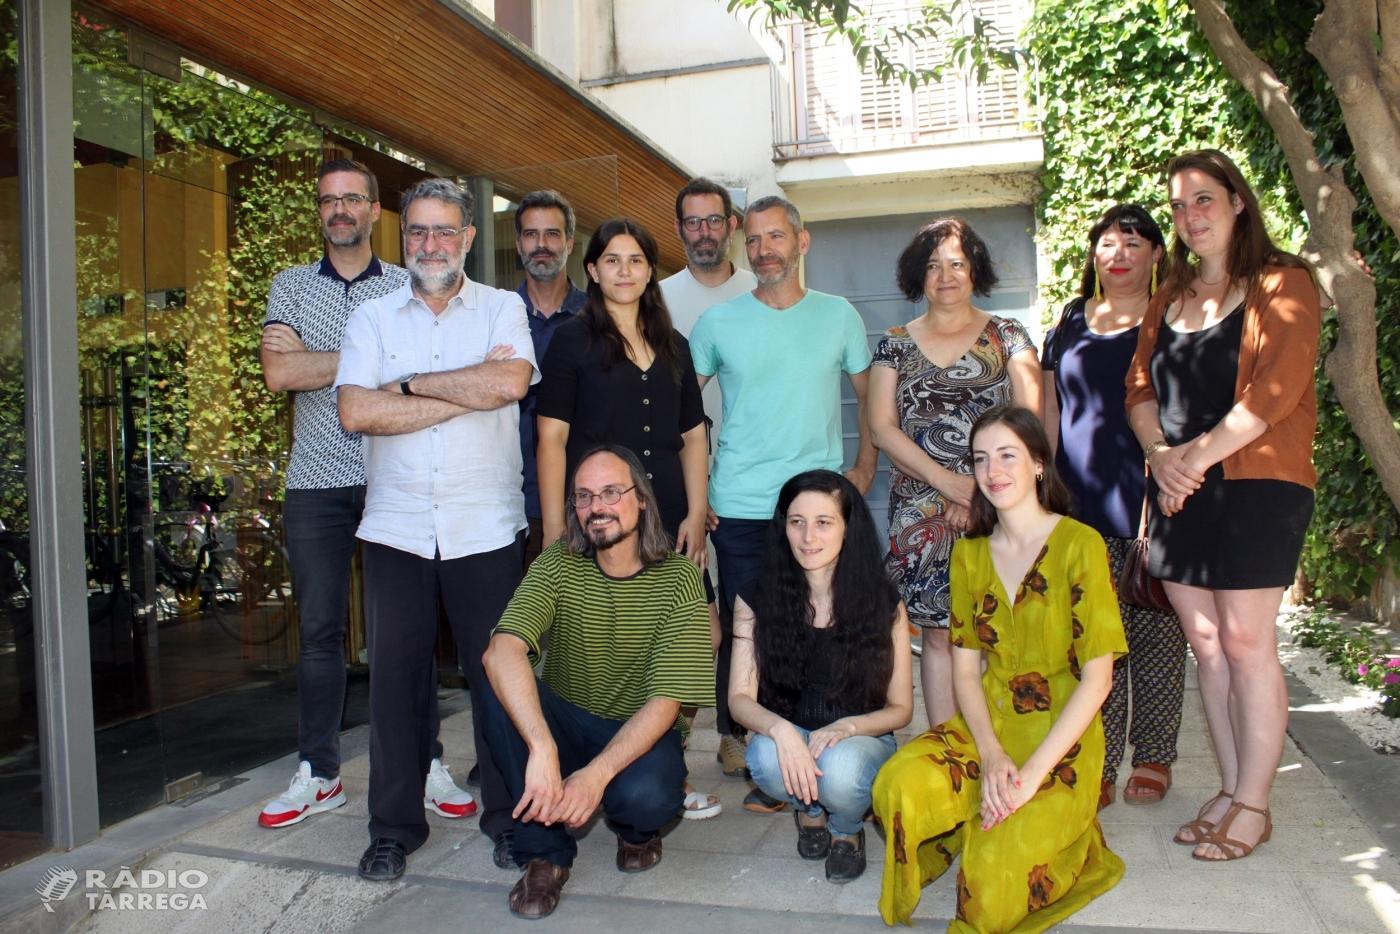 L'Arxiu Comarcal de l'Urgell promou treballs de creació i investigació a Tàrrega al voltant del seu fons documental